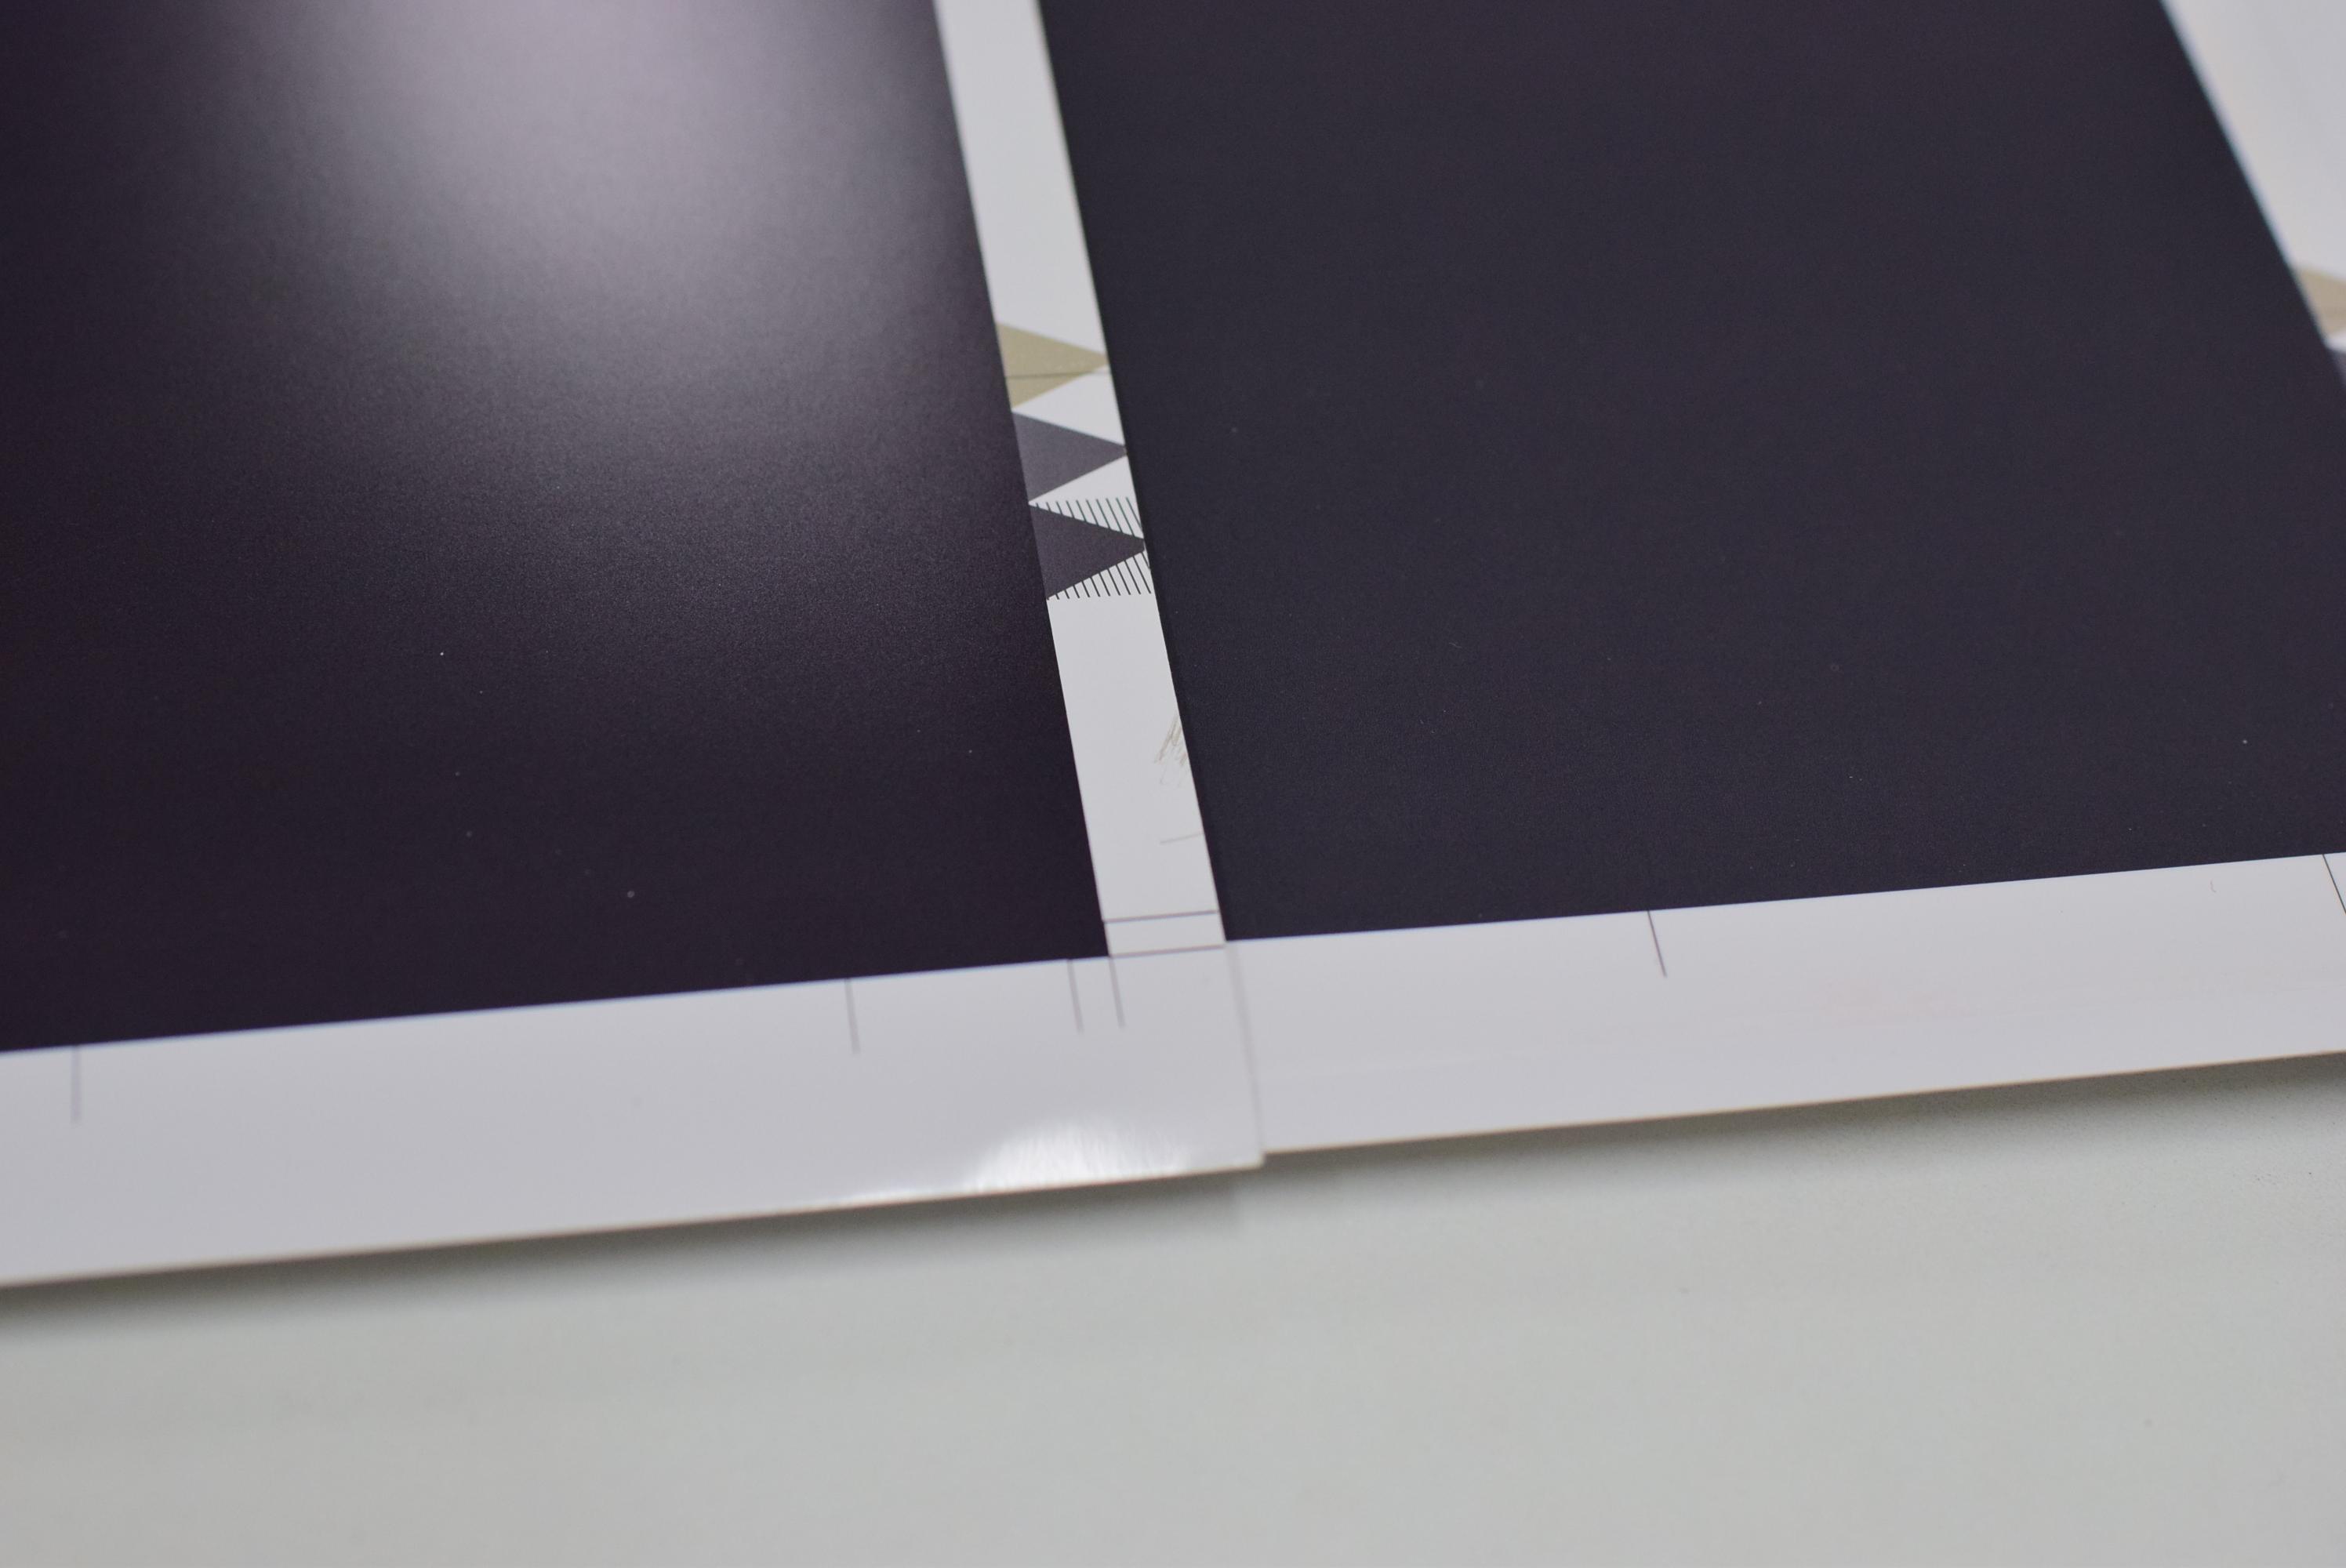 化粧箱の制作、紙箱の制作、最新の表面加工技術